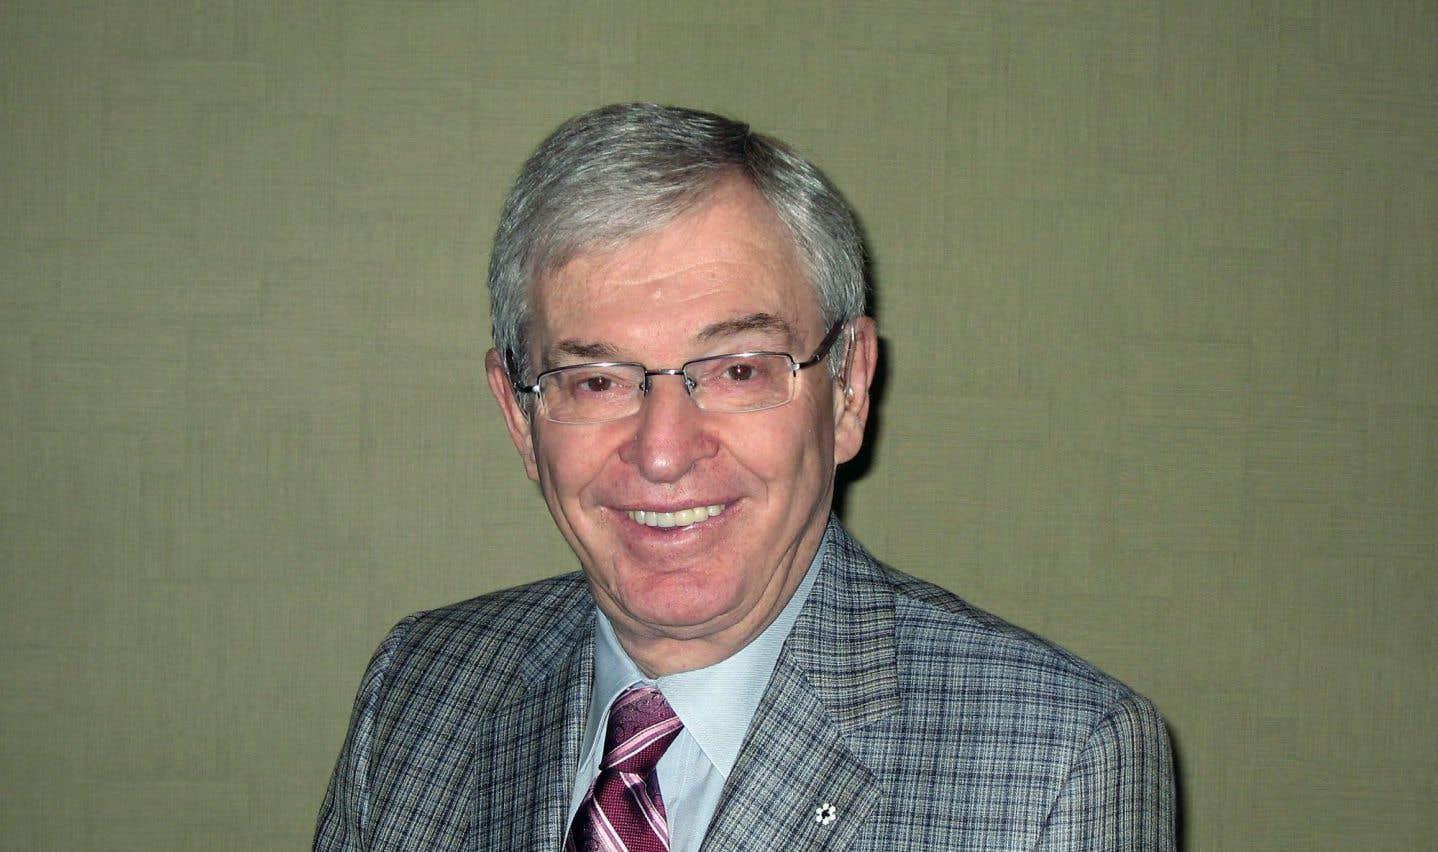 Le président du conseil d'administration et chef de la direc- tion de Vêtements Peerless Inc., Alvin Cramer Segal